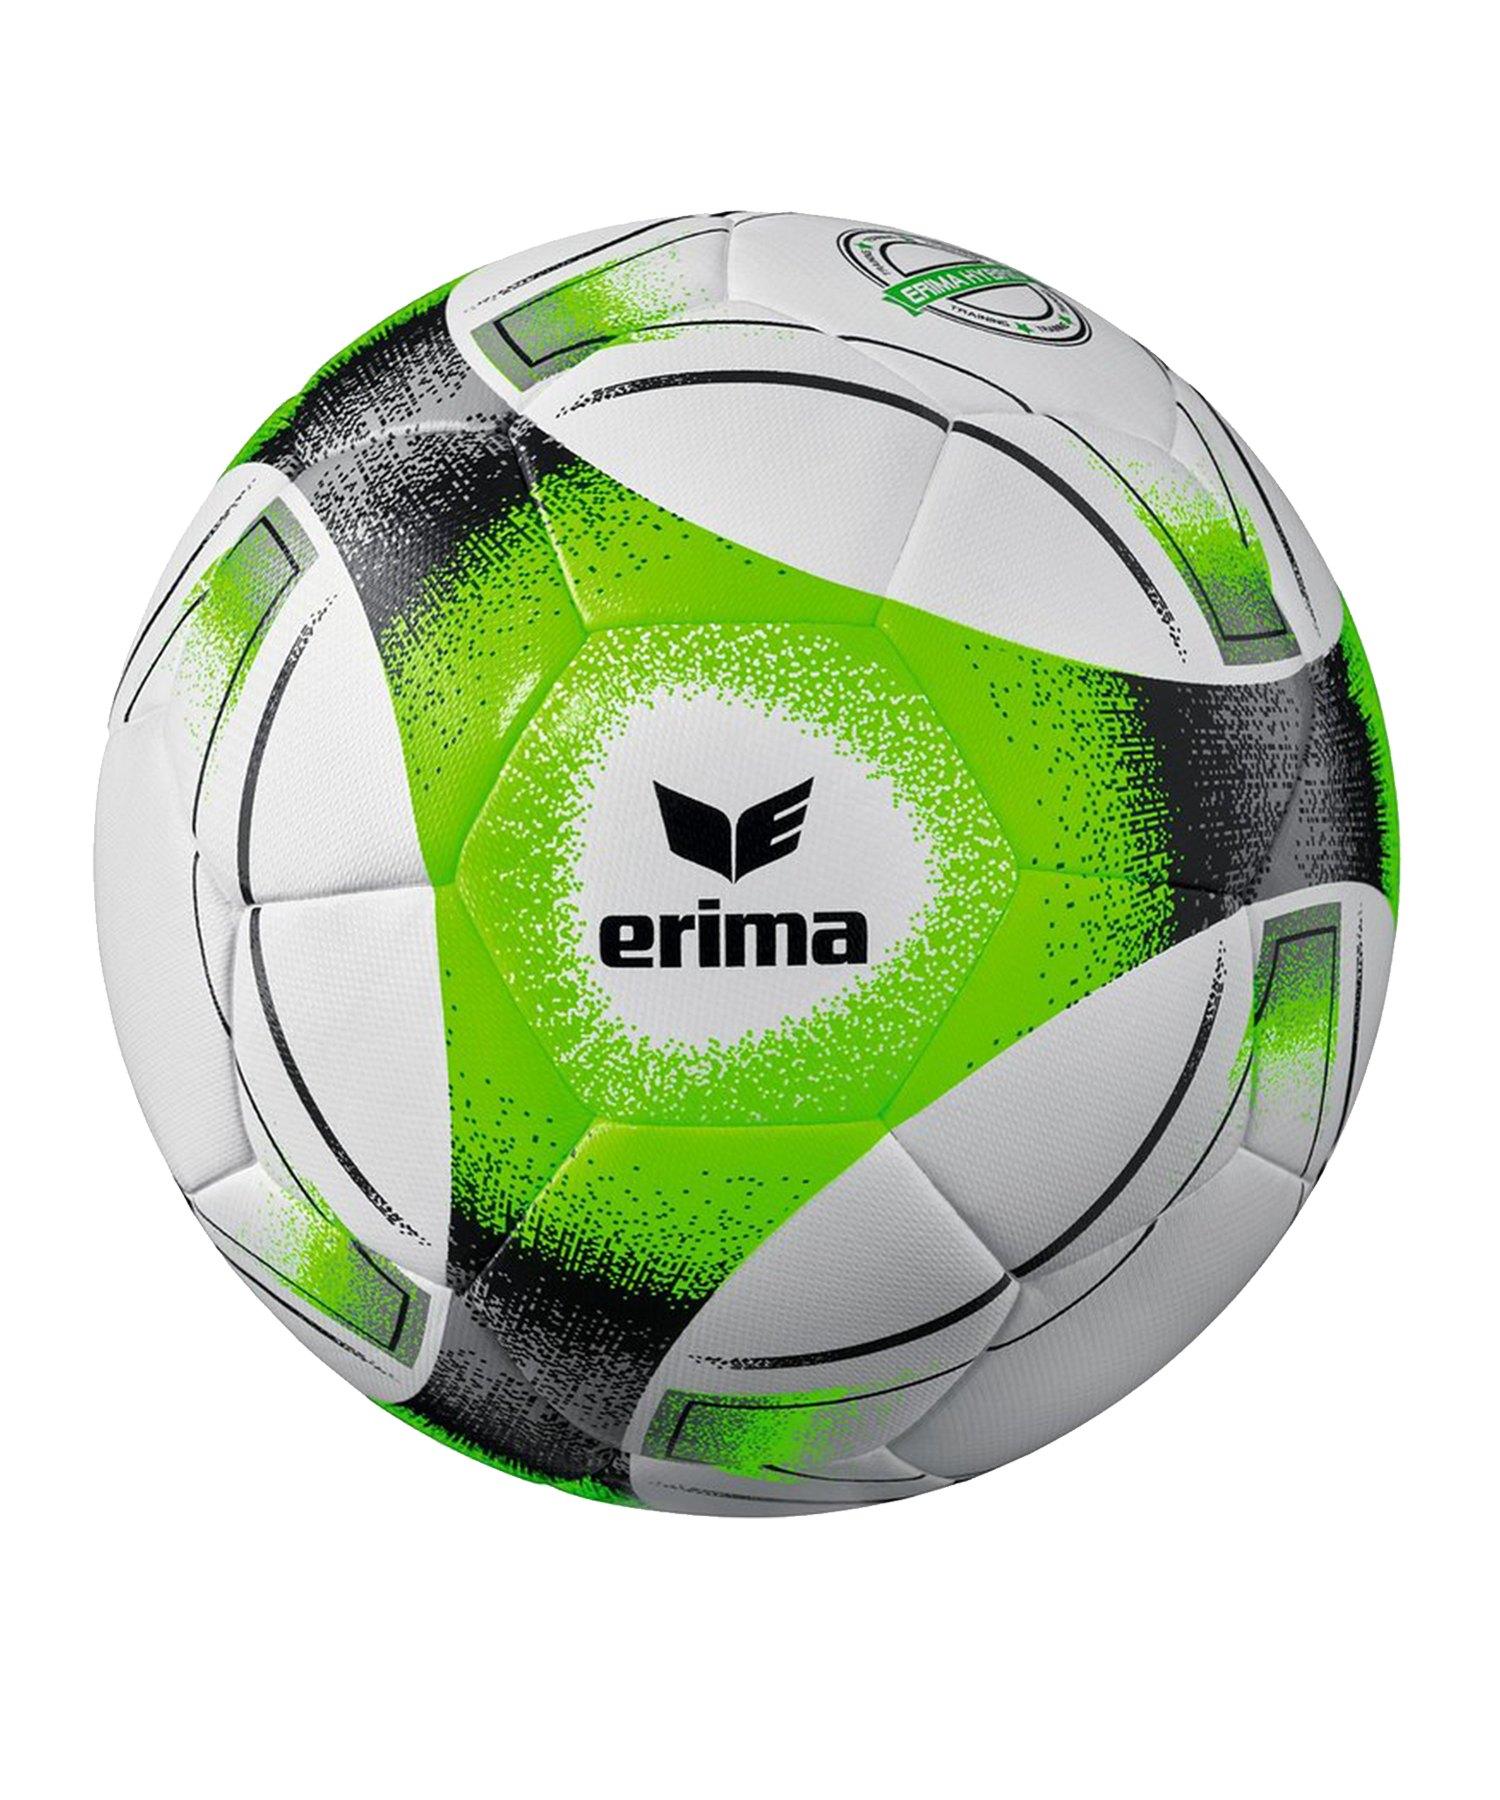 Erima Hybrid Training Fussball Schwarz Grün - gruen